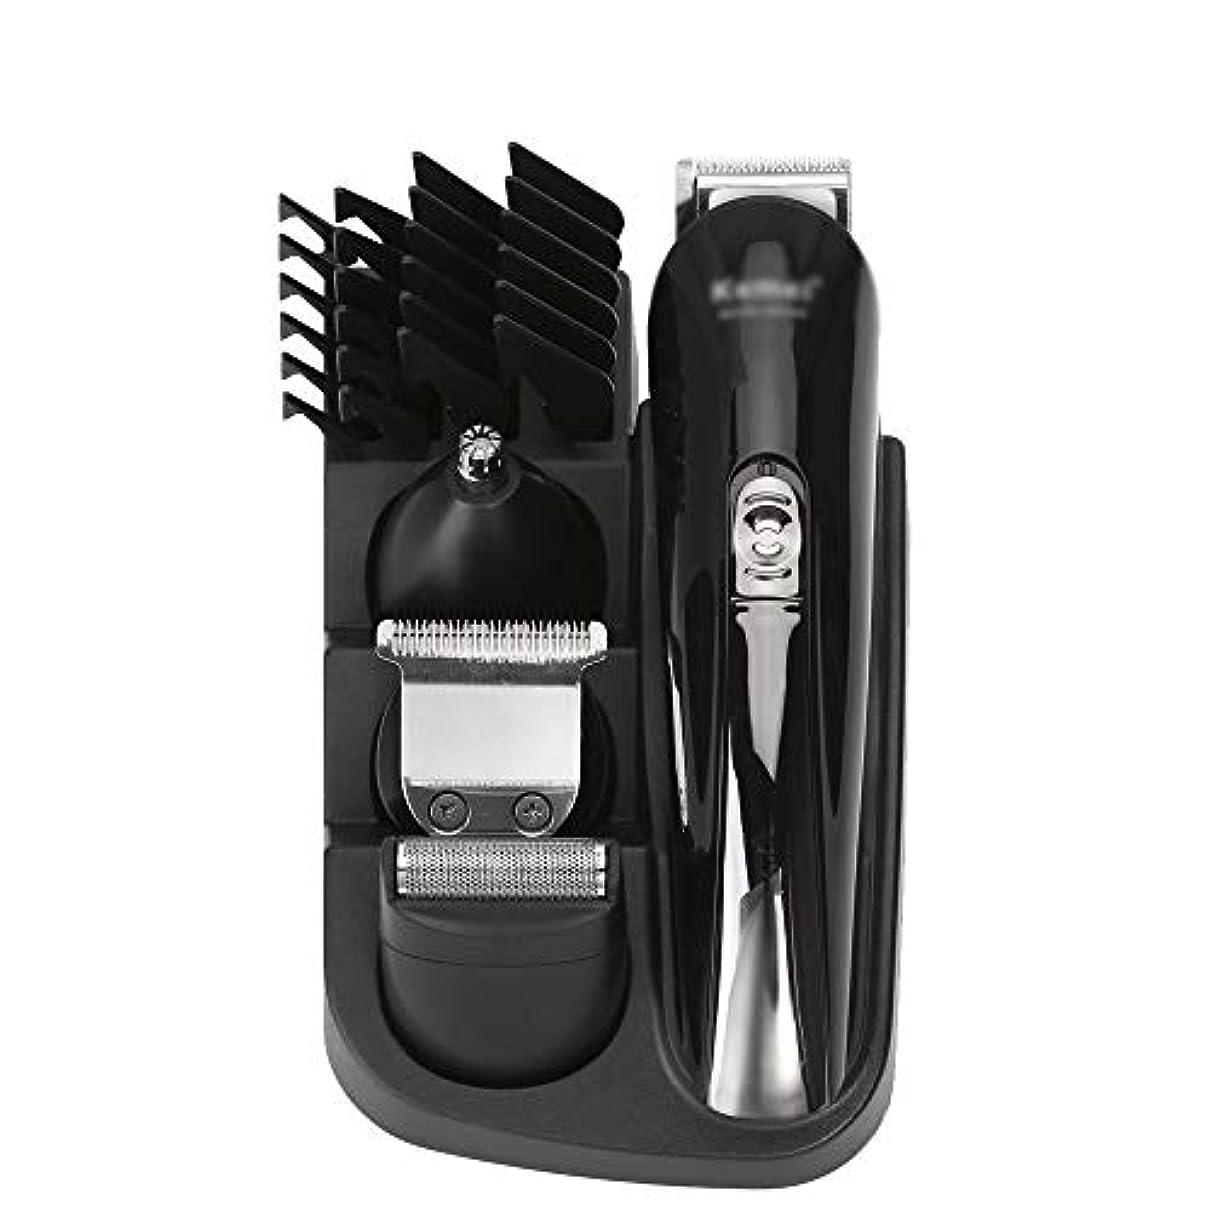 魔女オートマトン擬人化WAKABAFK 充電式バリカン電気シェーバーヘアトリマー髭剃り機